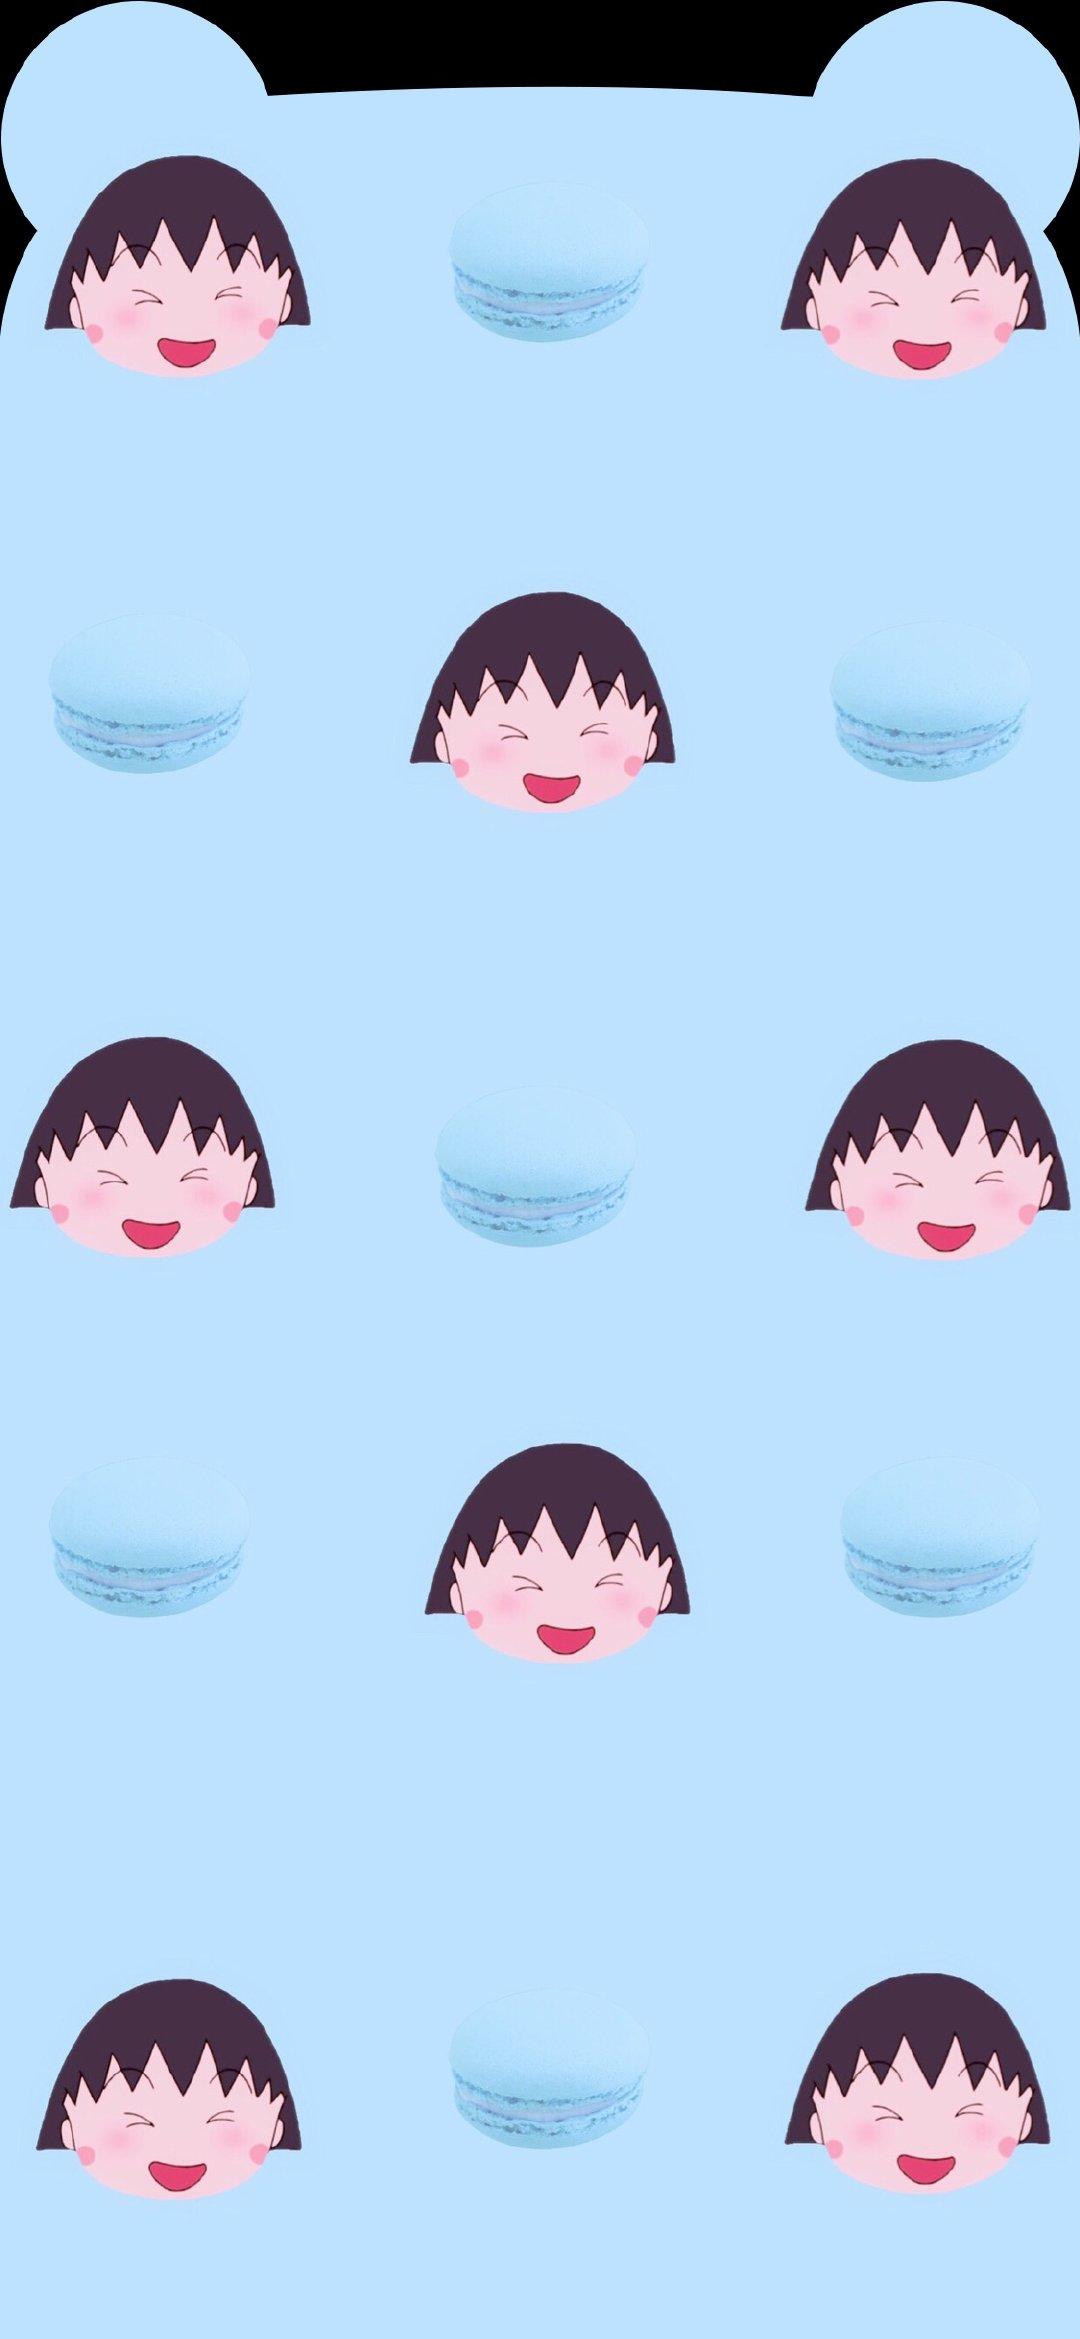 樱桃小丸子 齐刘海专用 手机壁纸图片